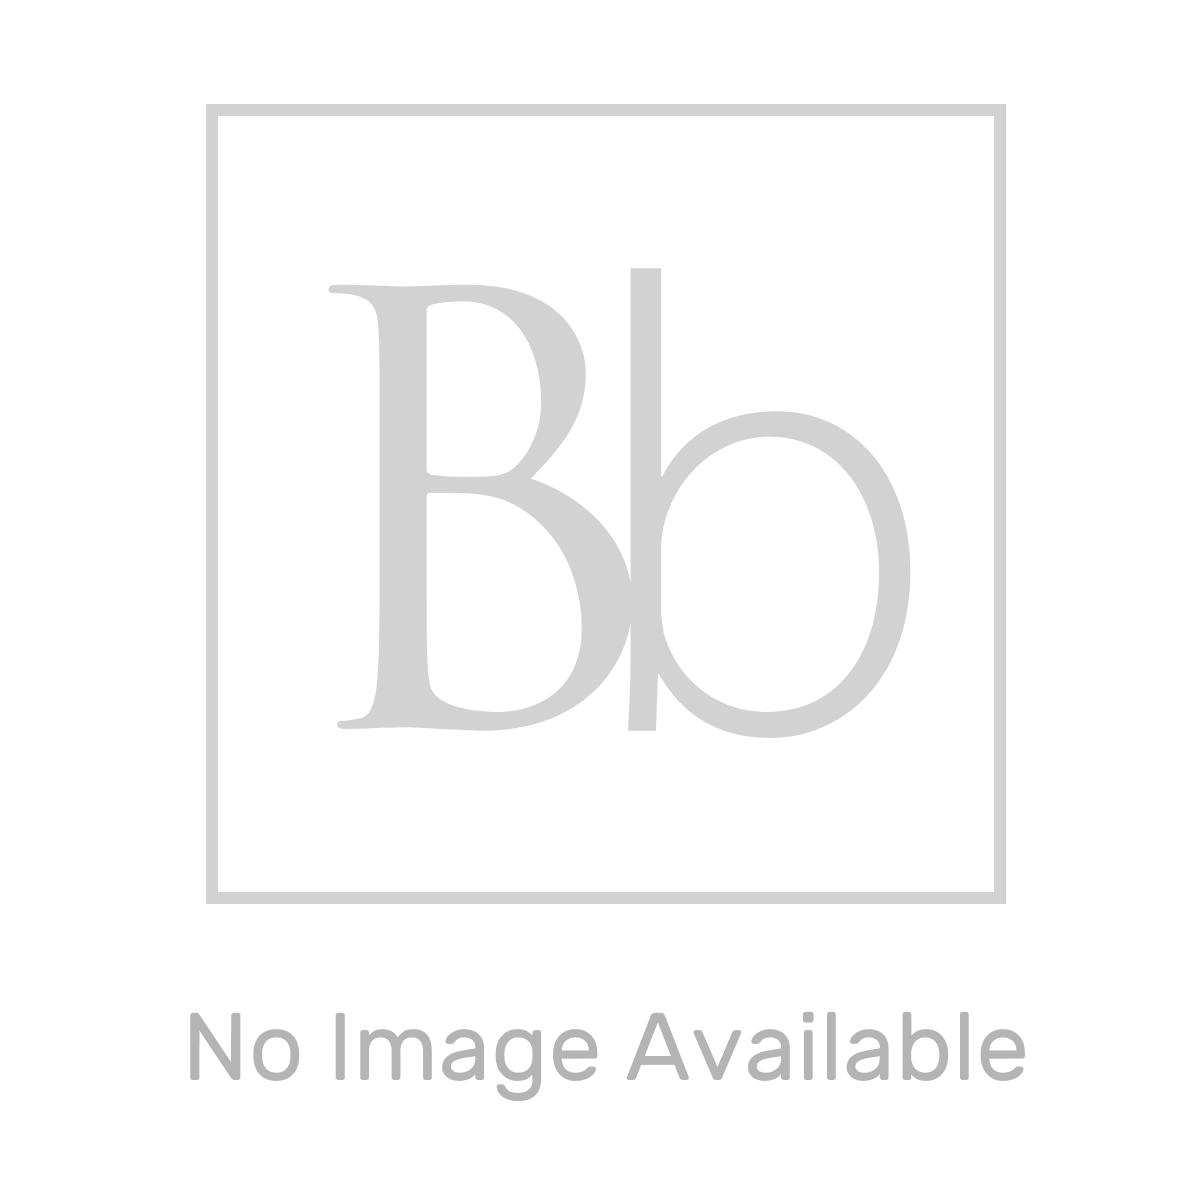 Nuie Athena Gloss Grey Mist 2 Door Floor Standing Vanity Unit with 18mm Profile Basin 500mm